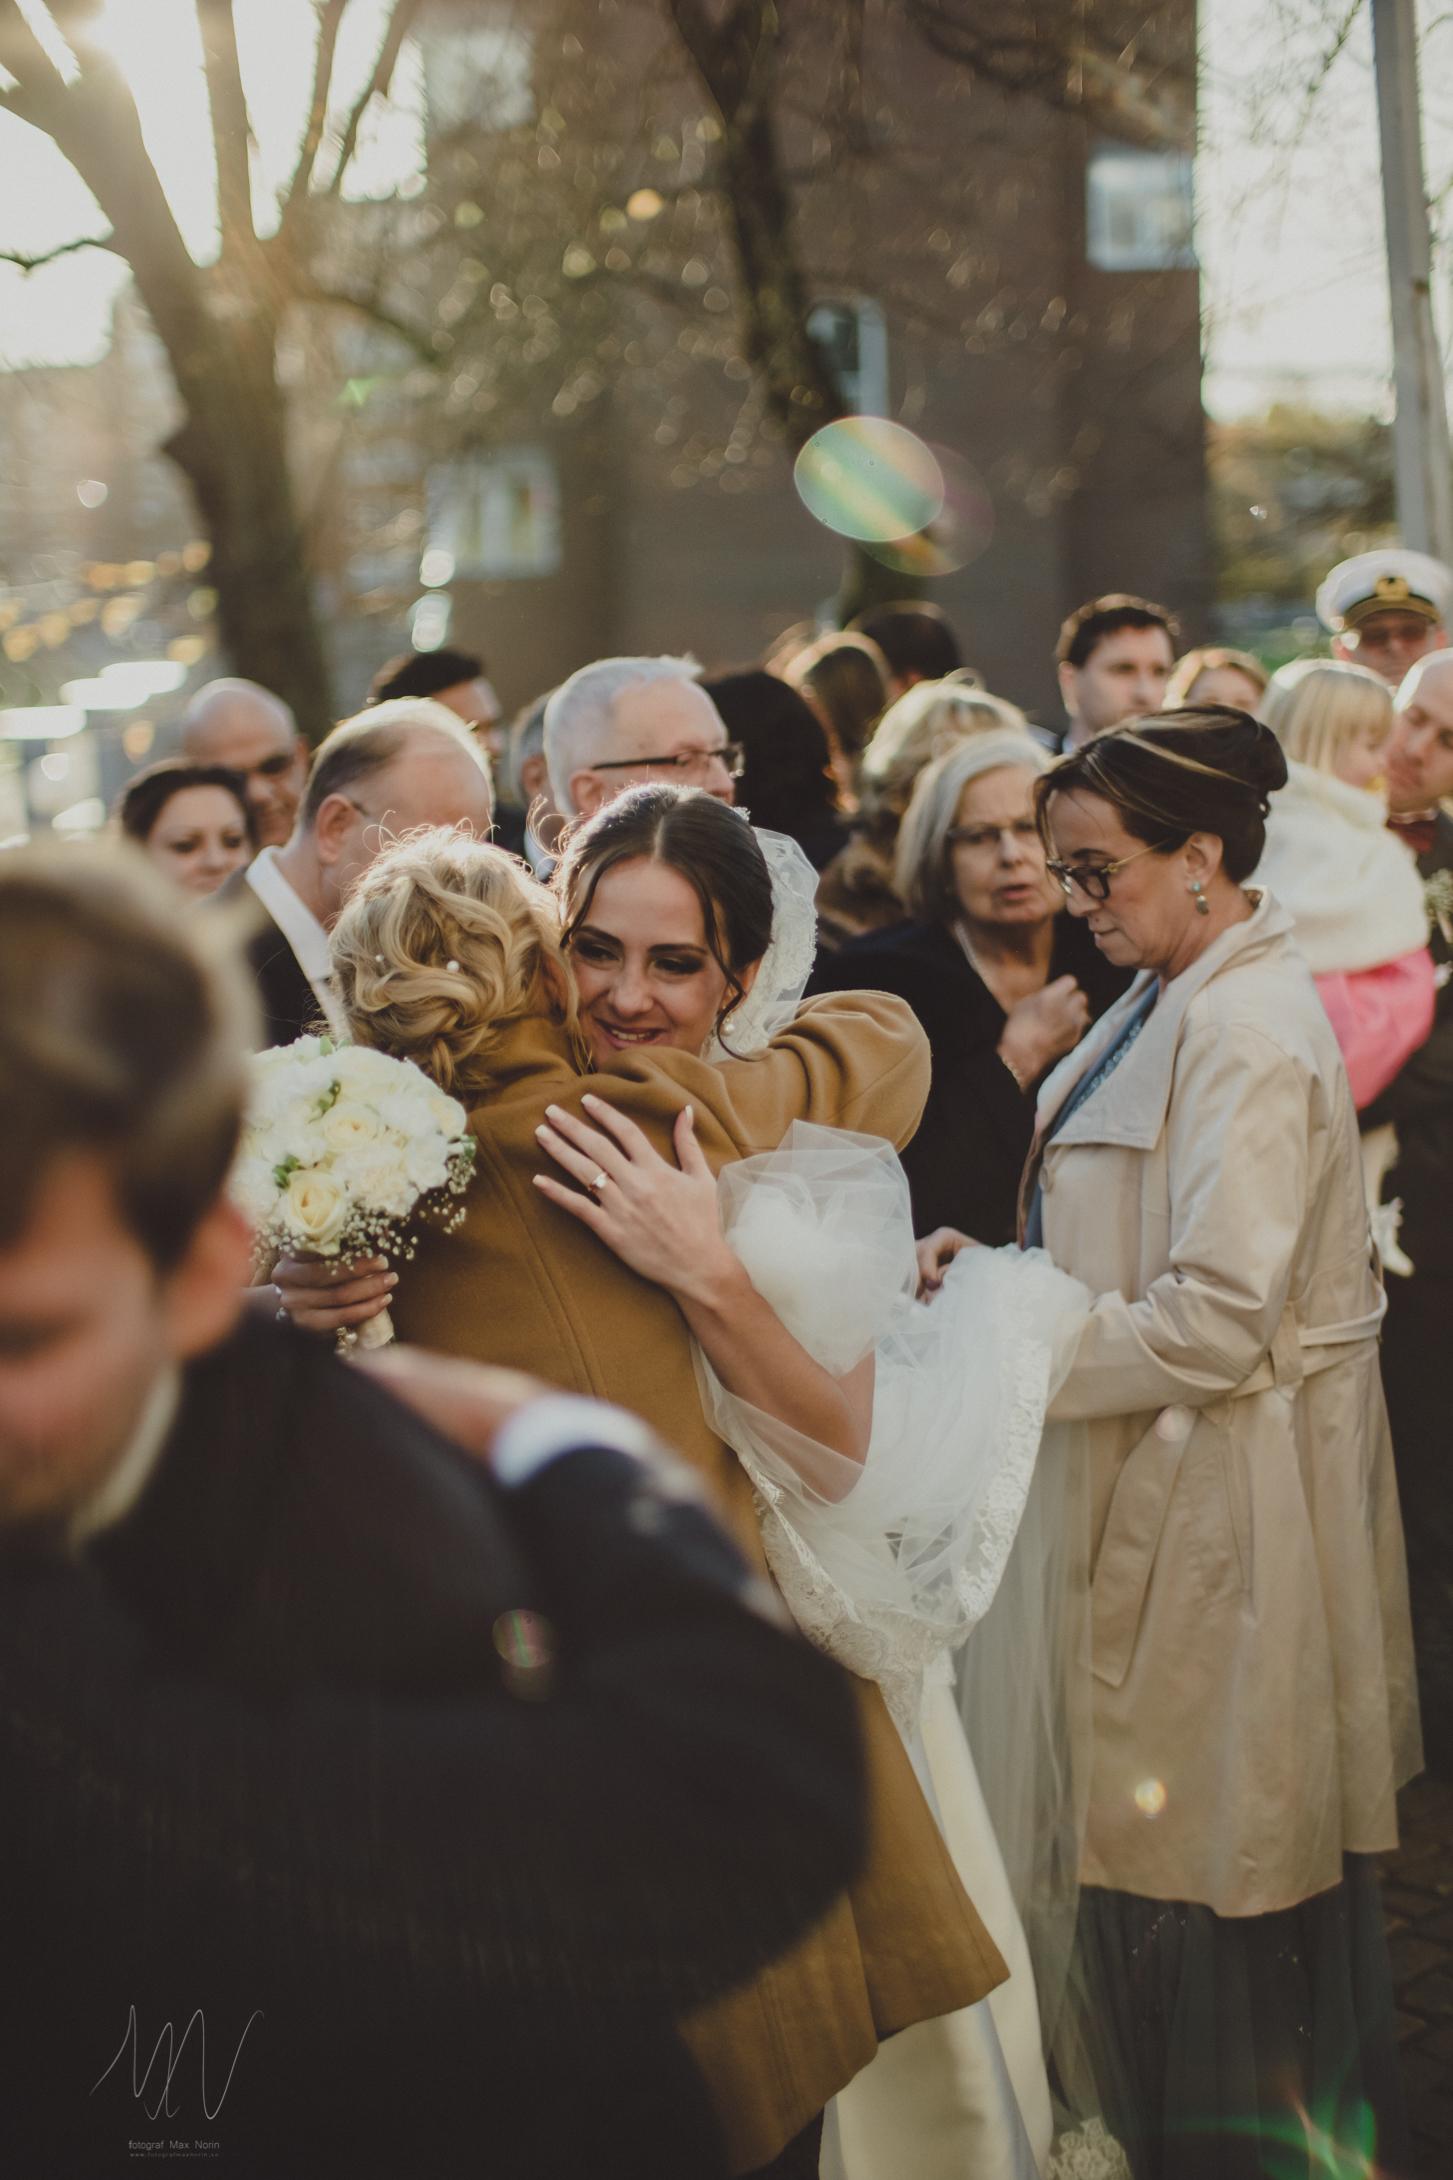 bröllopsfoto-fotograf-max-norin-201.jpg